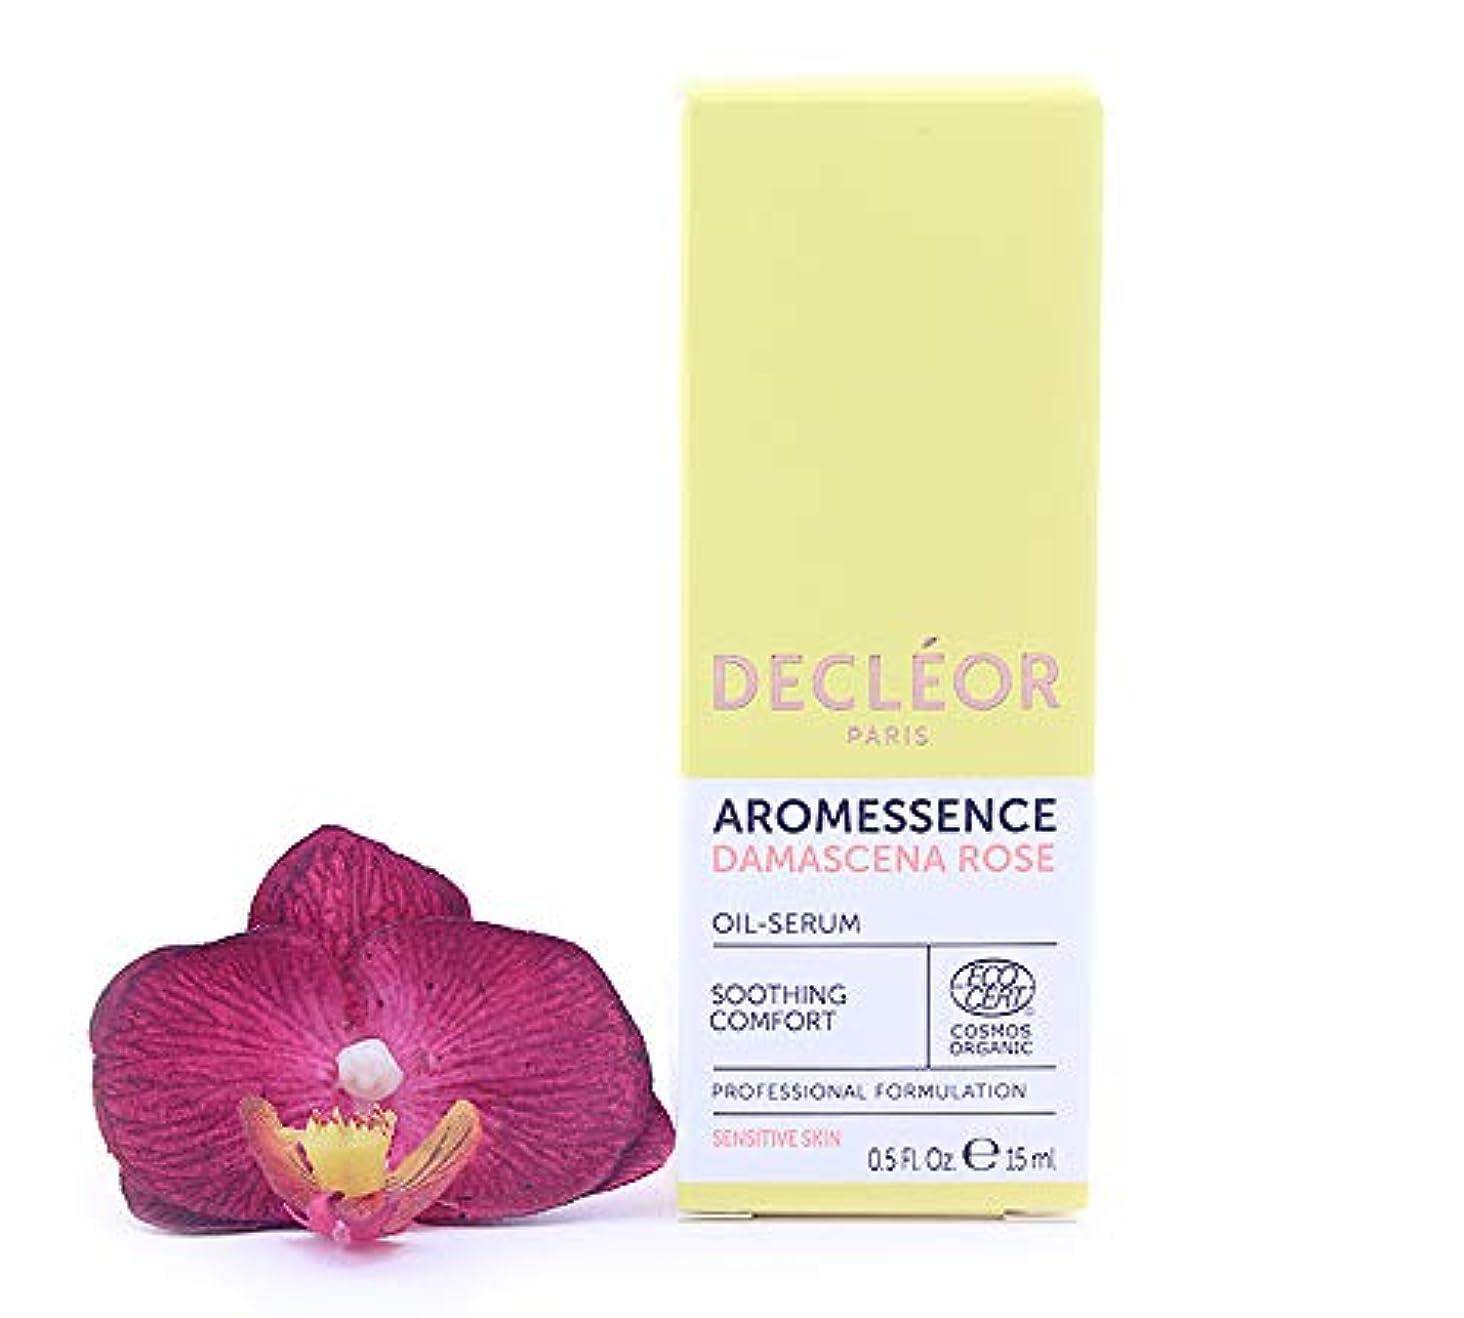 心臓り現象デクレオール Aromessence Rose D'Orient (Damascena Rose) Soothing Comfort Oil Serum 15ml/0.5oz並行輸入品